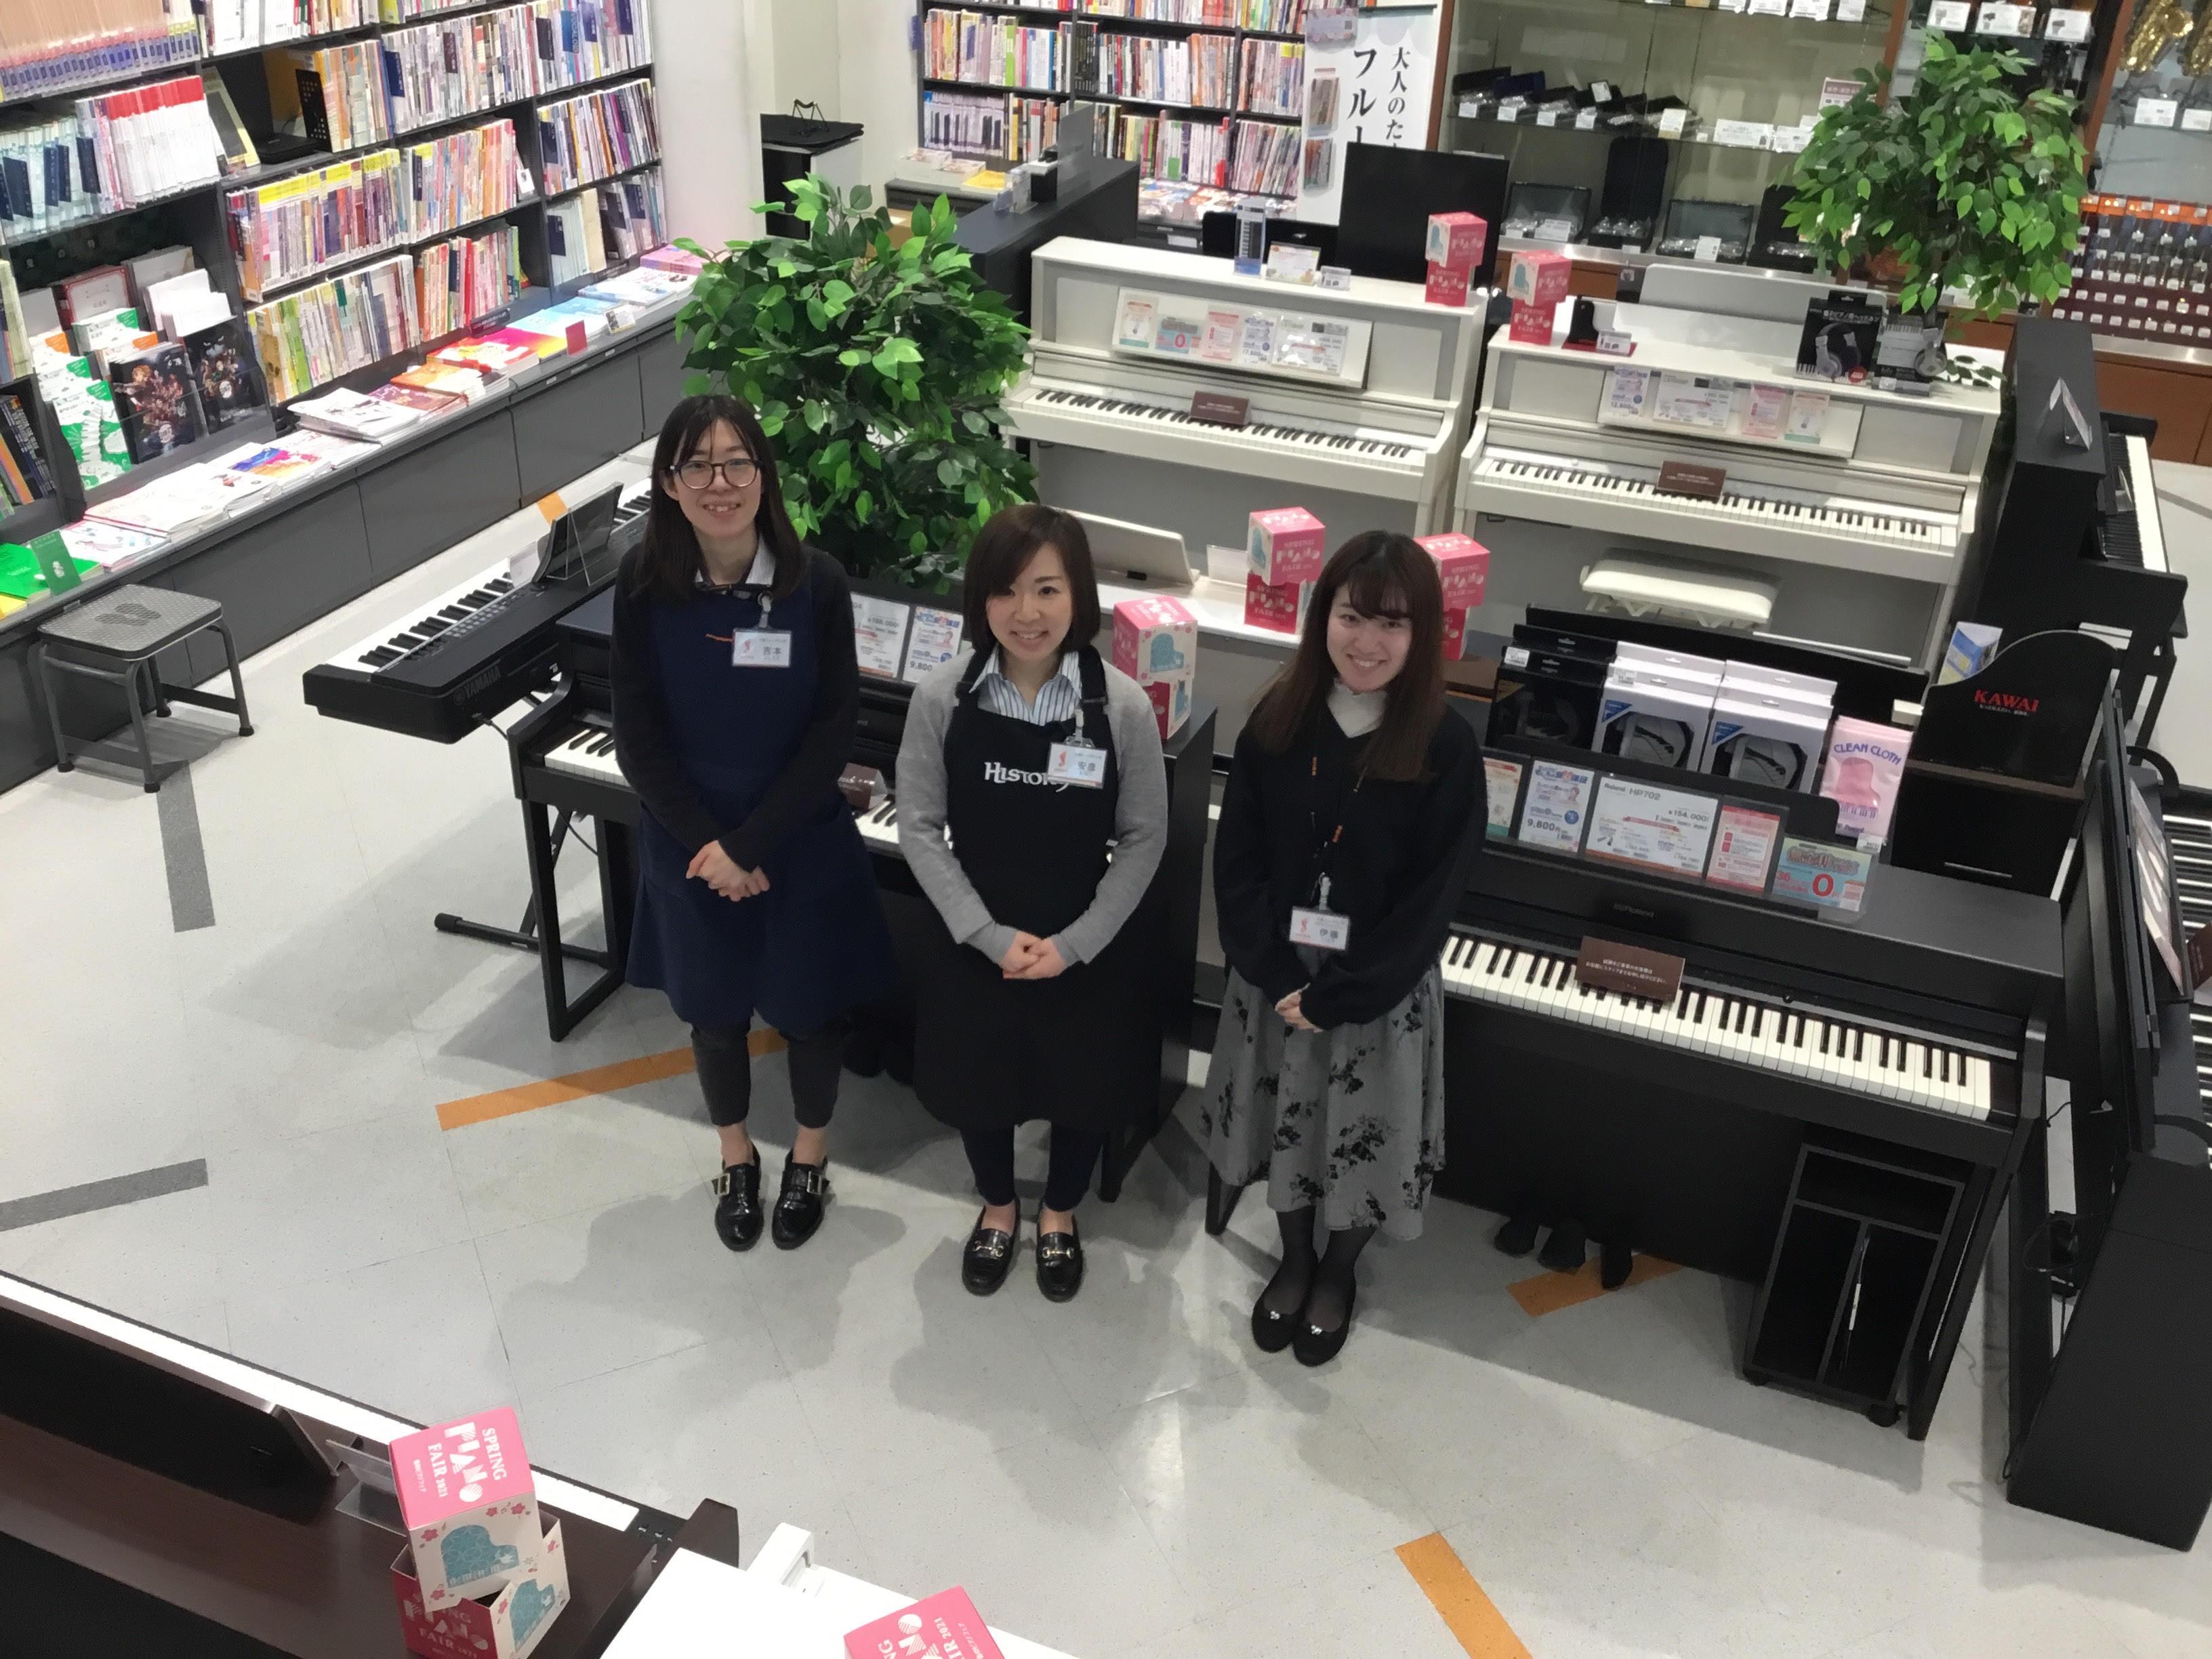 アップライトピアノ 新品 選び方 PRAMBERGER 島村楽器 千葉ニュータウン 印西 価格